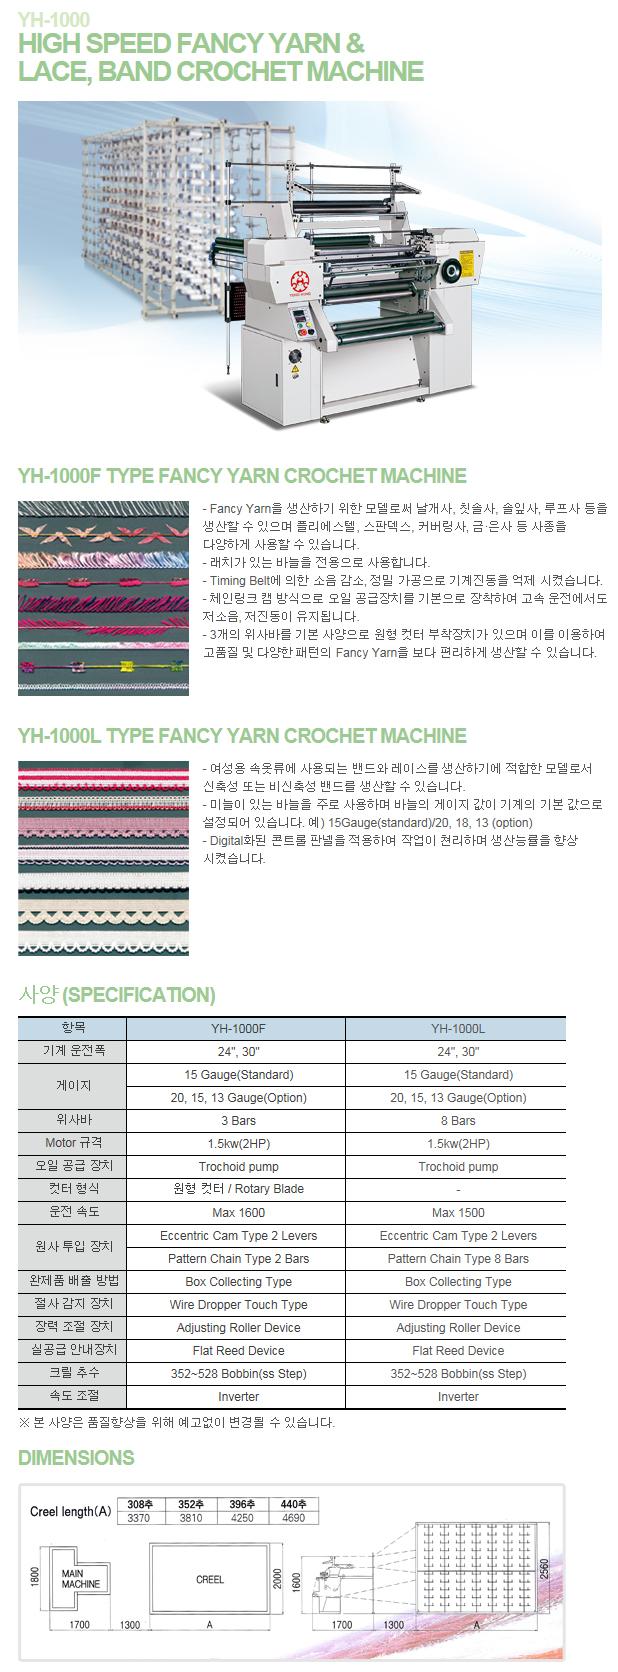 (주)영흥기계 High Speed Fancy Yarn & Lace, Band Crochet Machine YH-1000